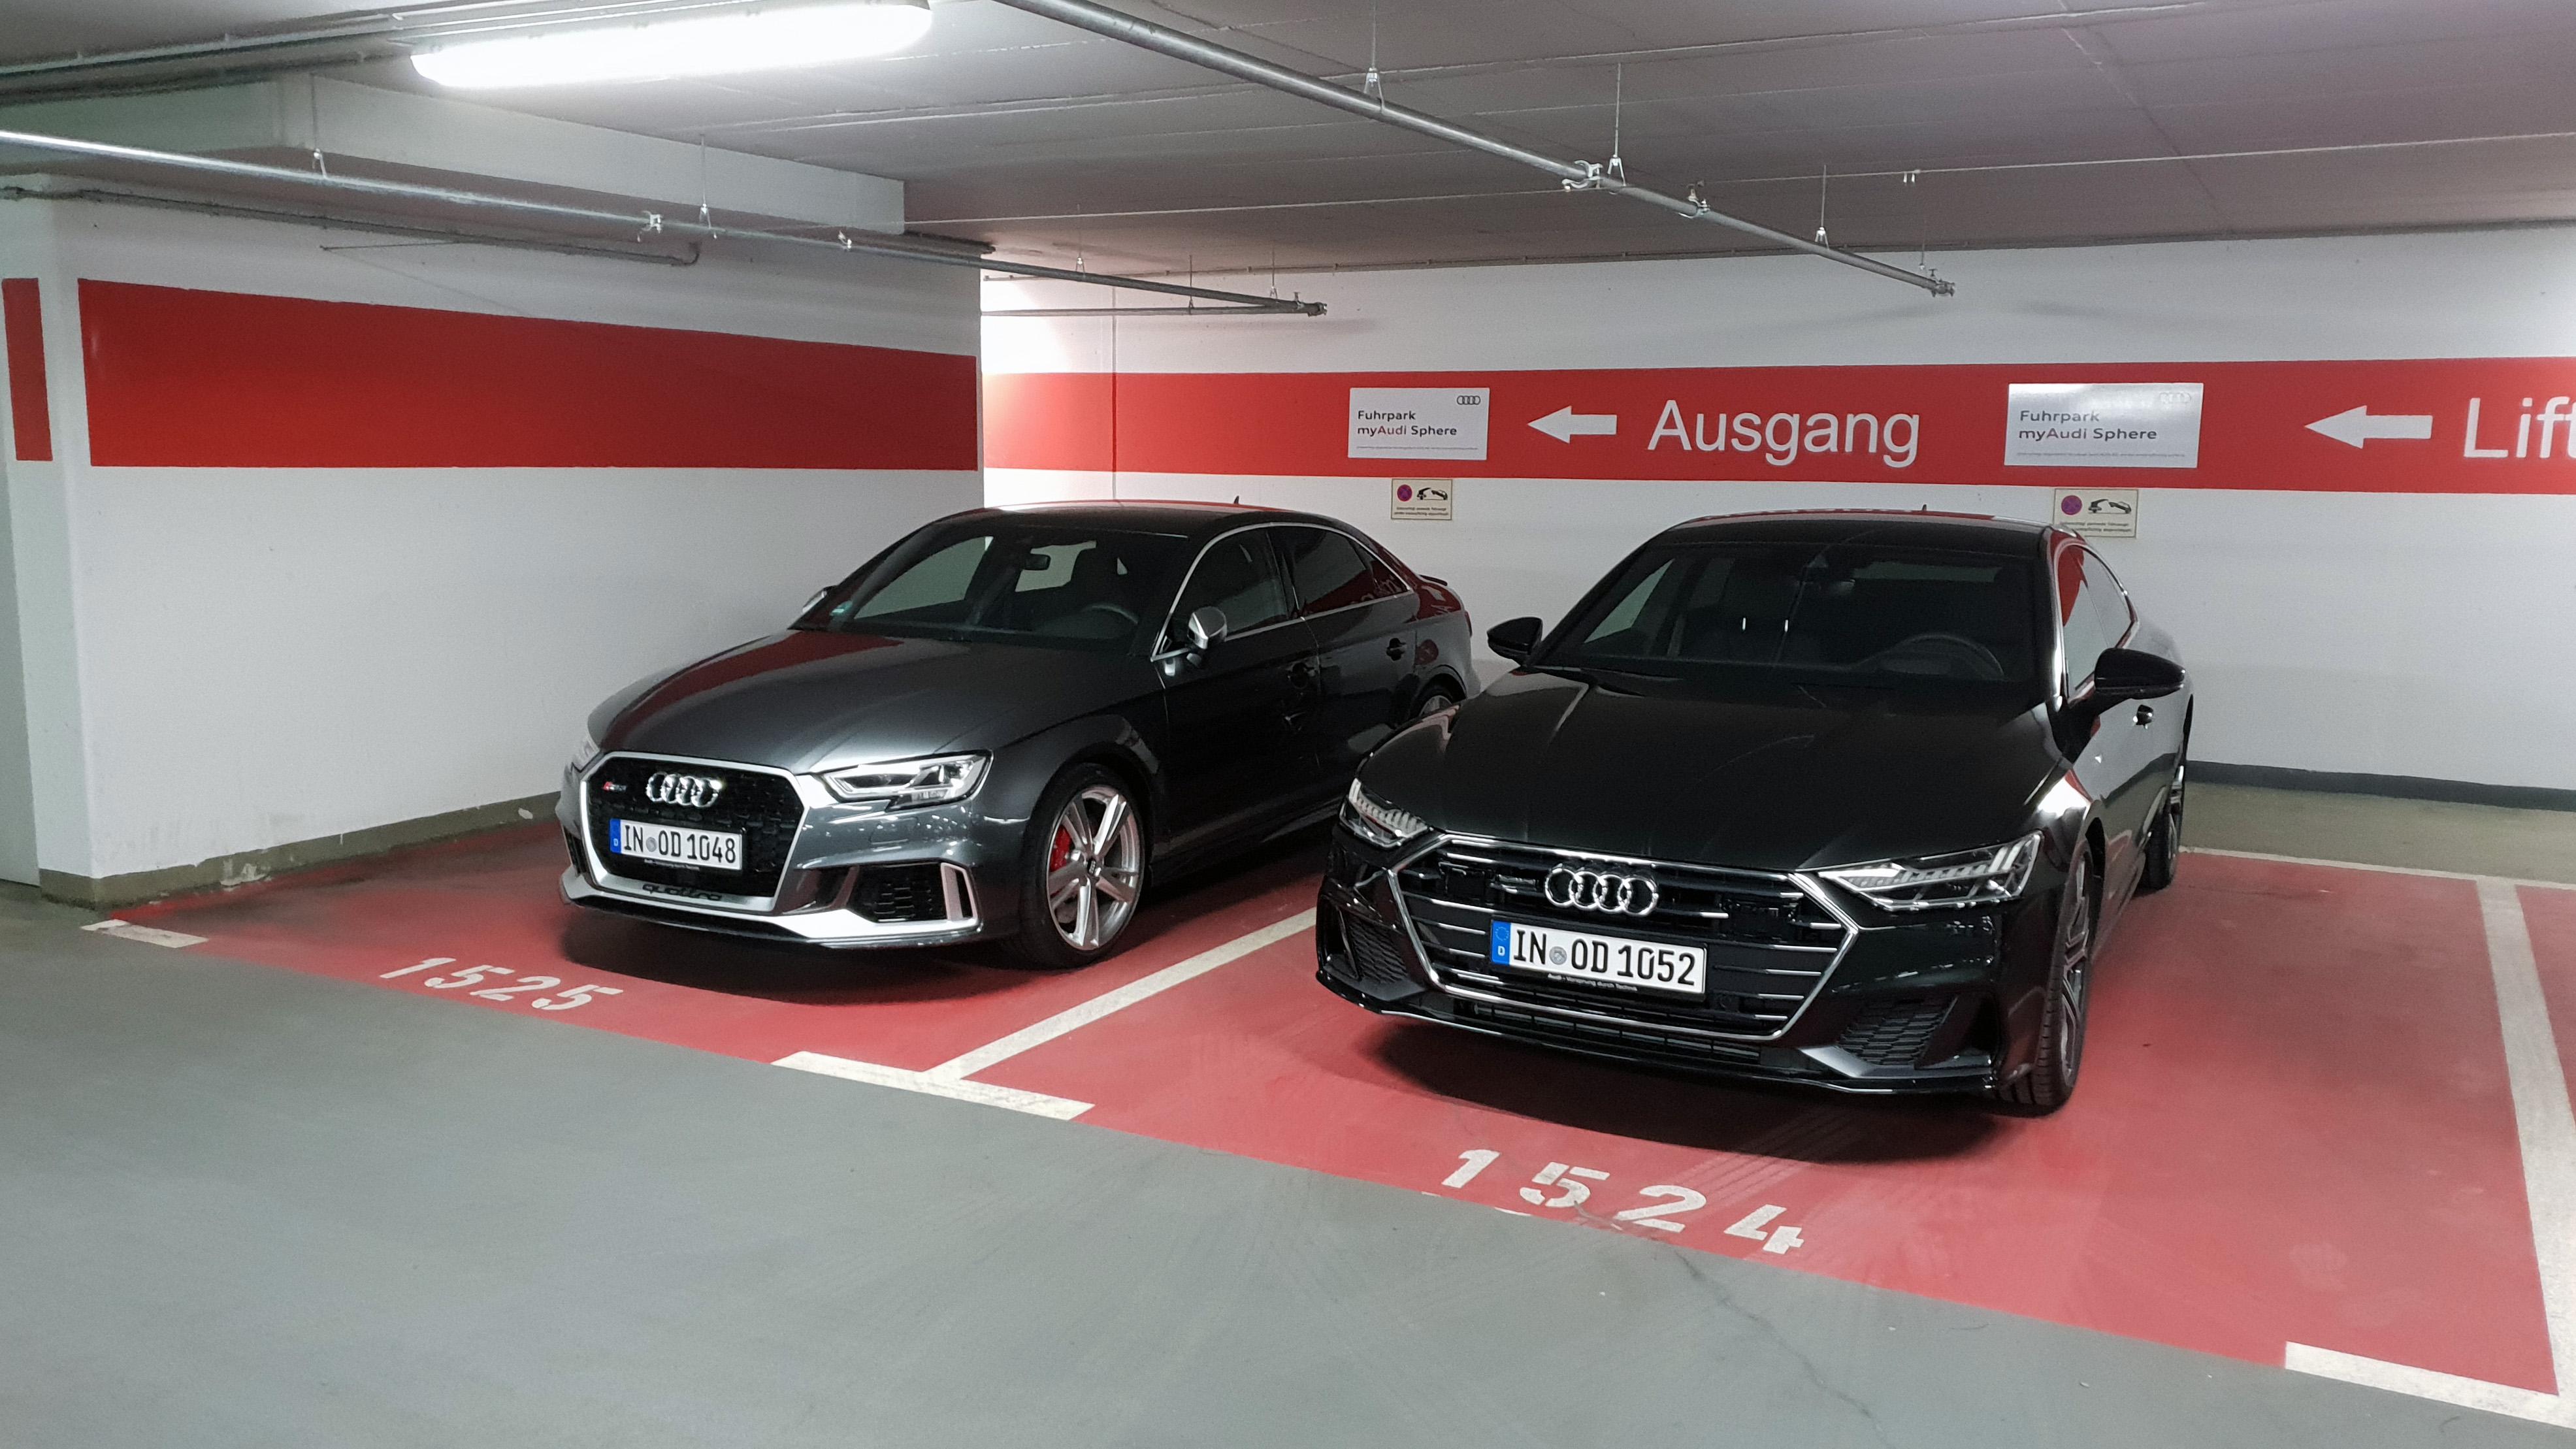 RS3 und A7 auf Audi Demand Parkplatz Mietwagen Talk Das